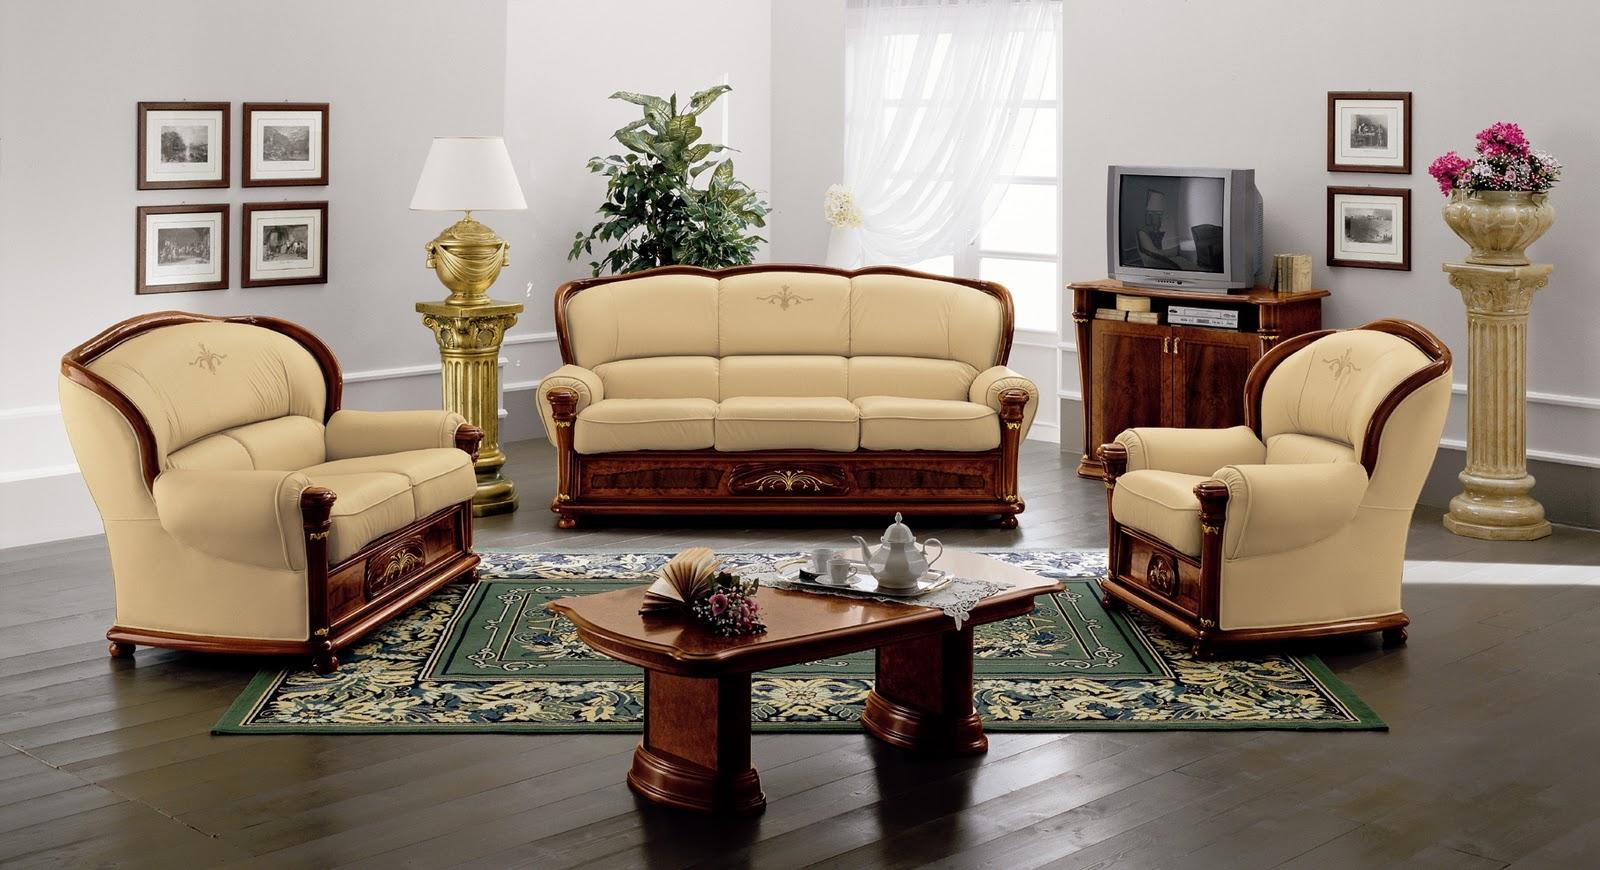 Living Room Sofa Design Photos   Living Room Interior Designs